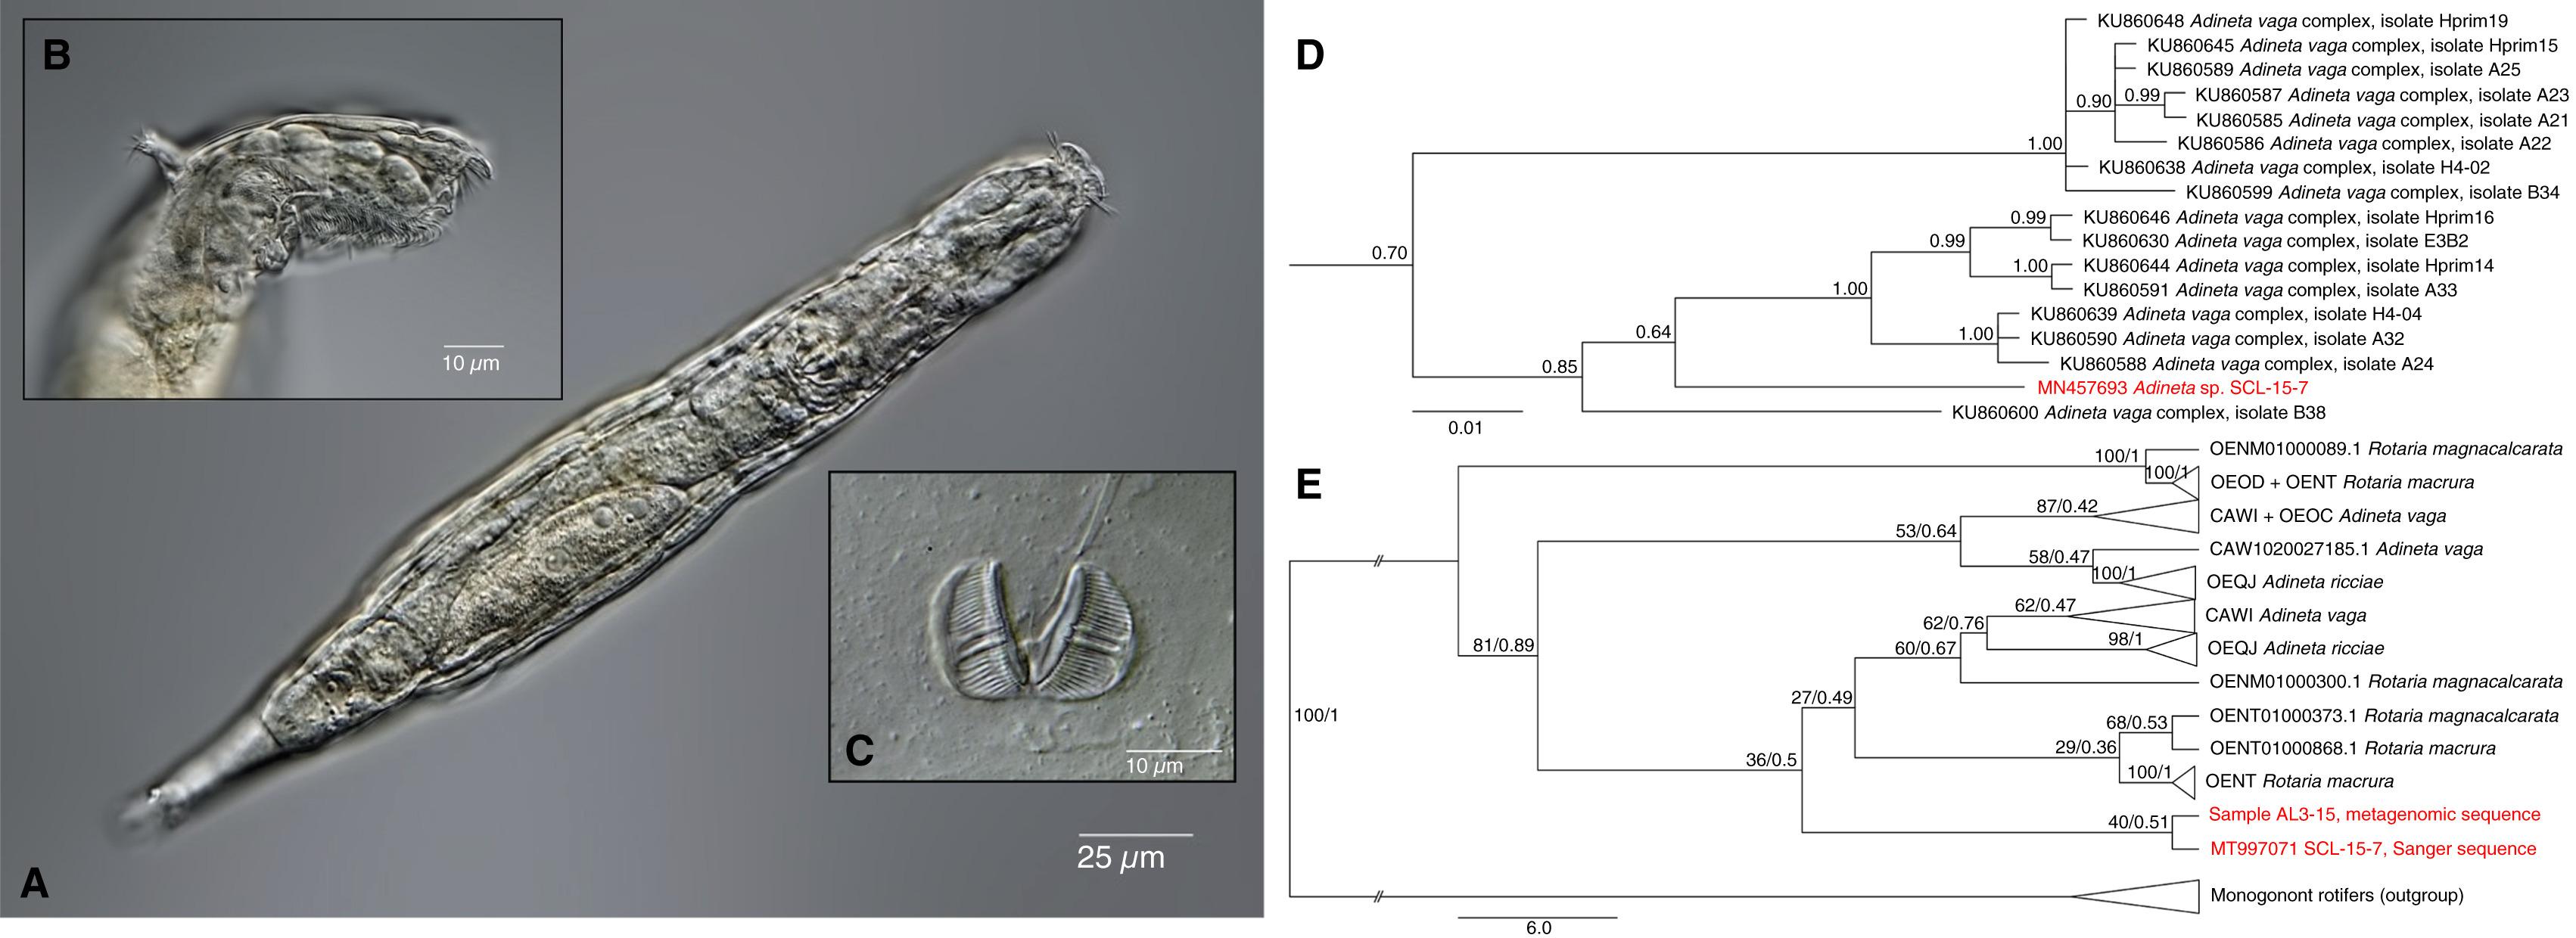 Investigadores rusos descubrieron animal microscópico que volvió a la vida luego de estar congelado por 24, 000 años (Foto: Current Biology)